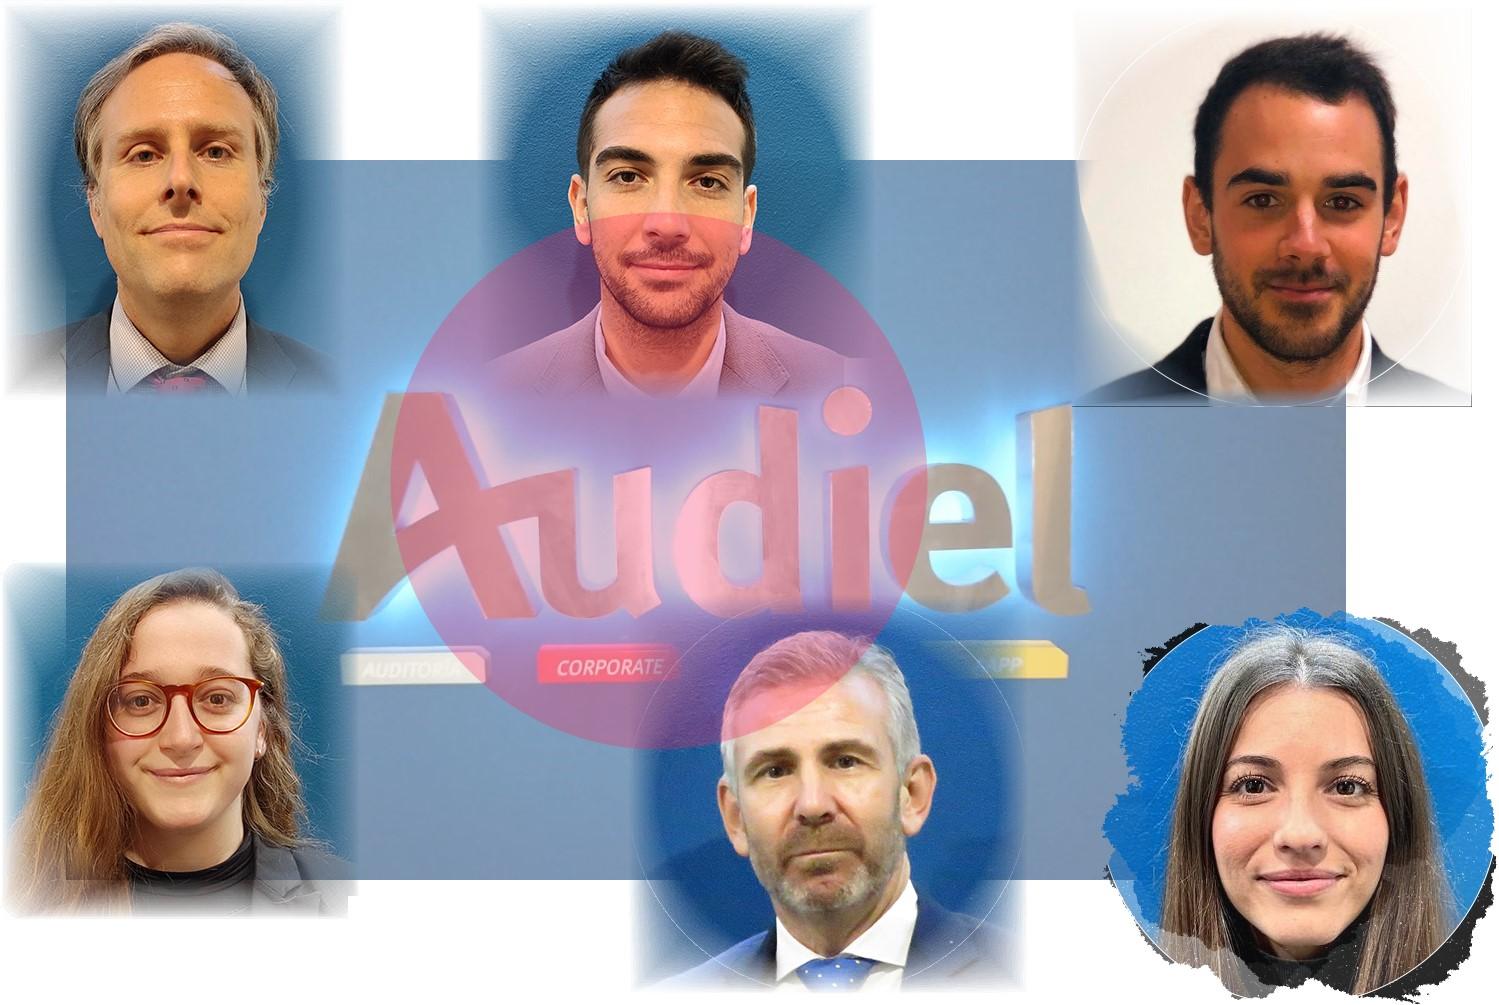 Grupo Audiel